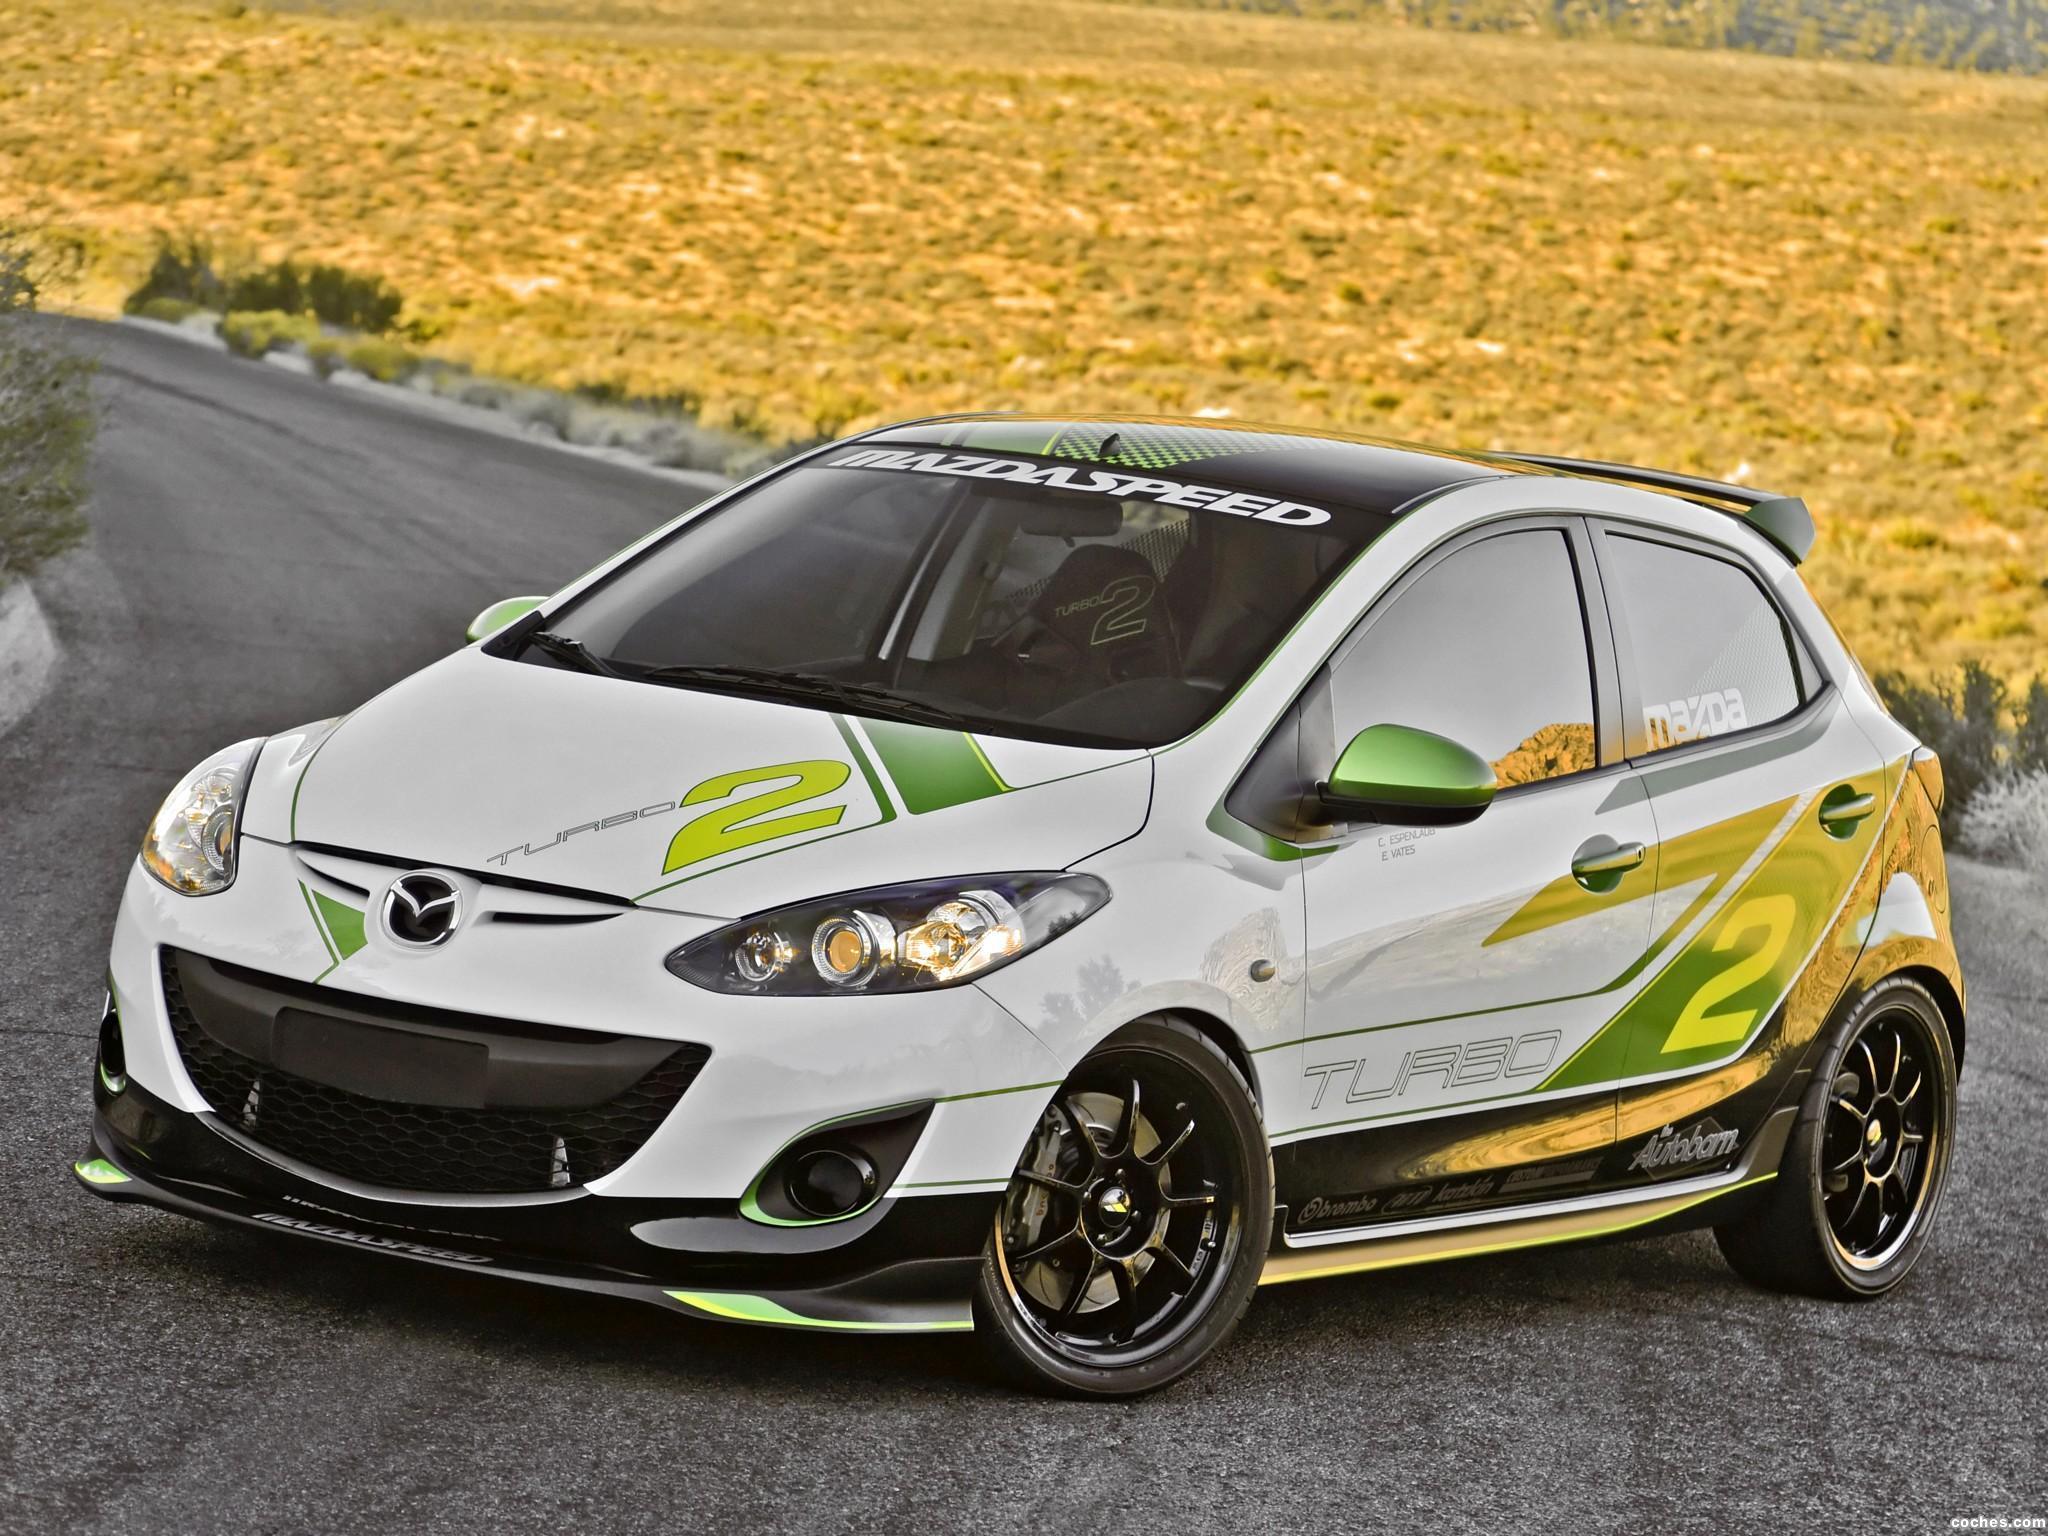 Foto 0 de Mazda Turbo 2 Concept 2011